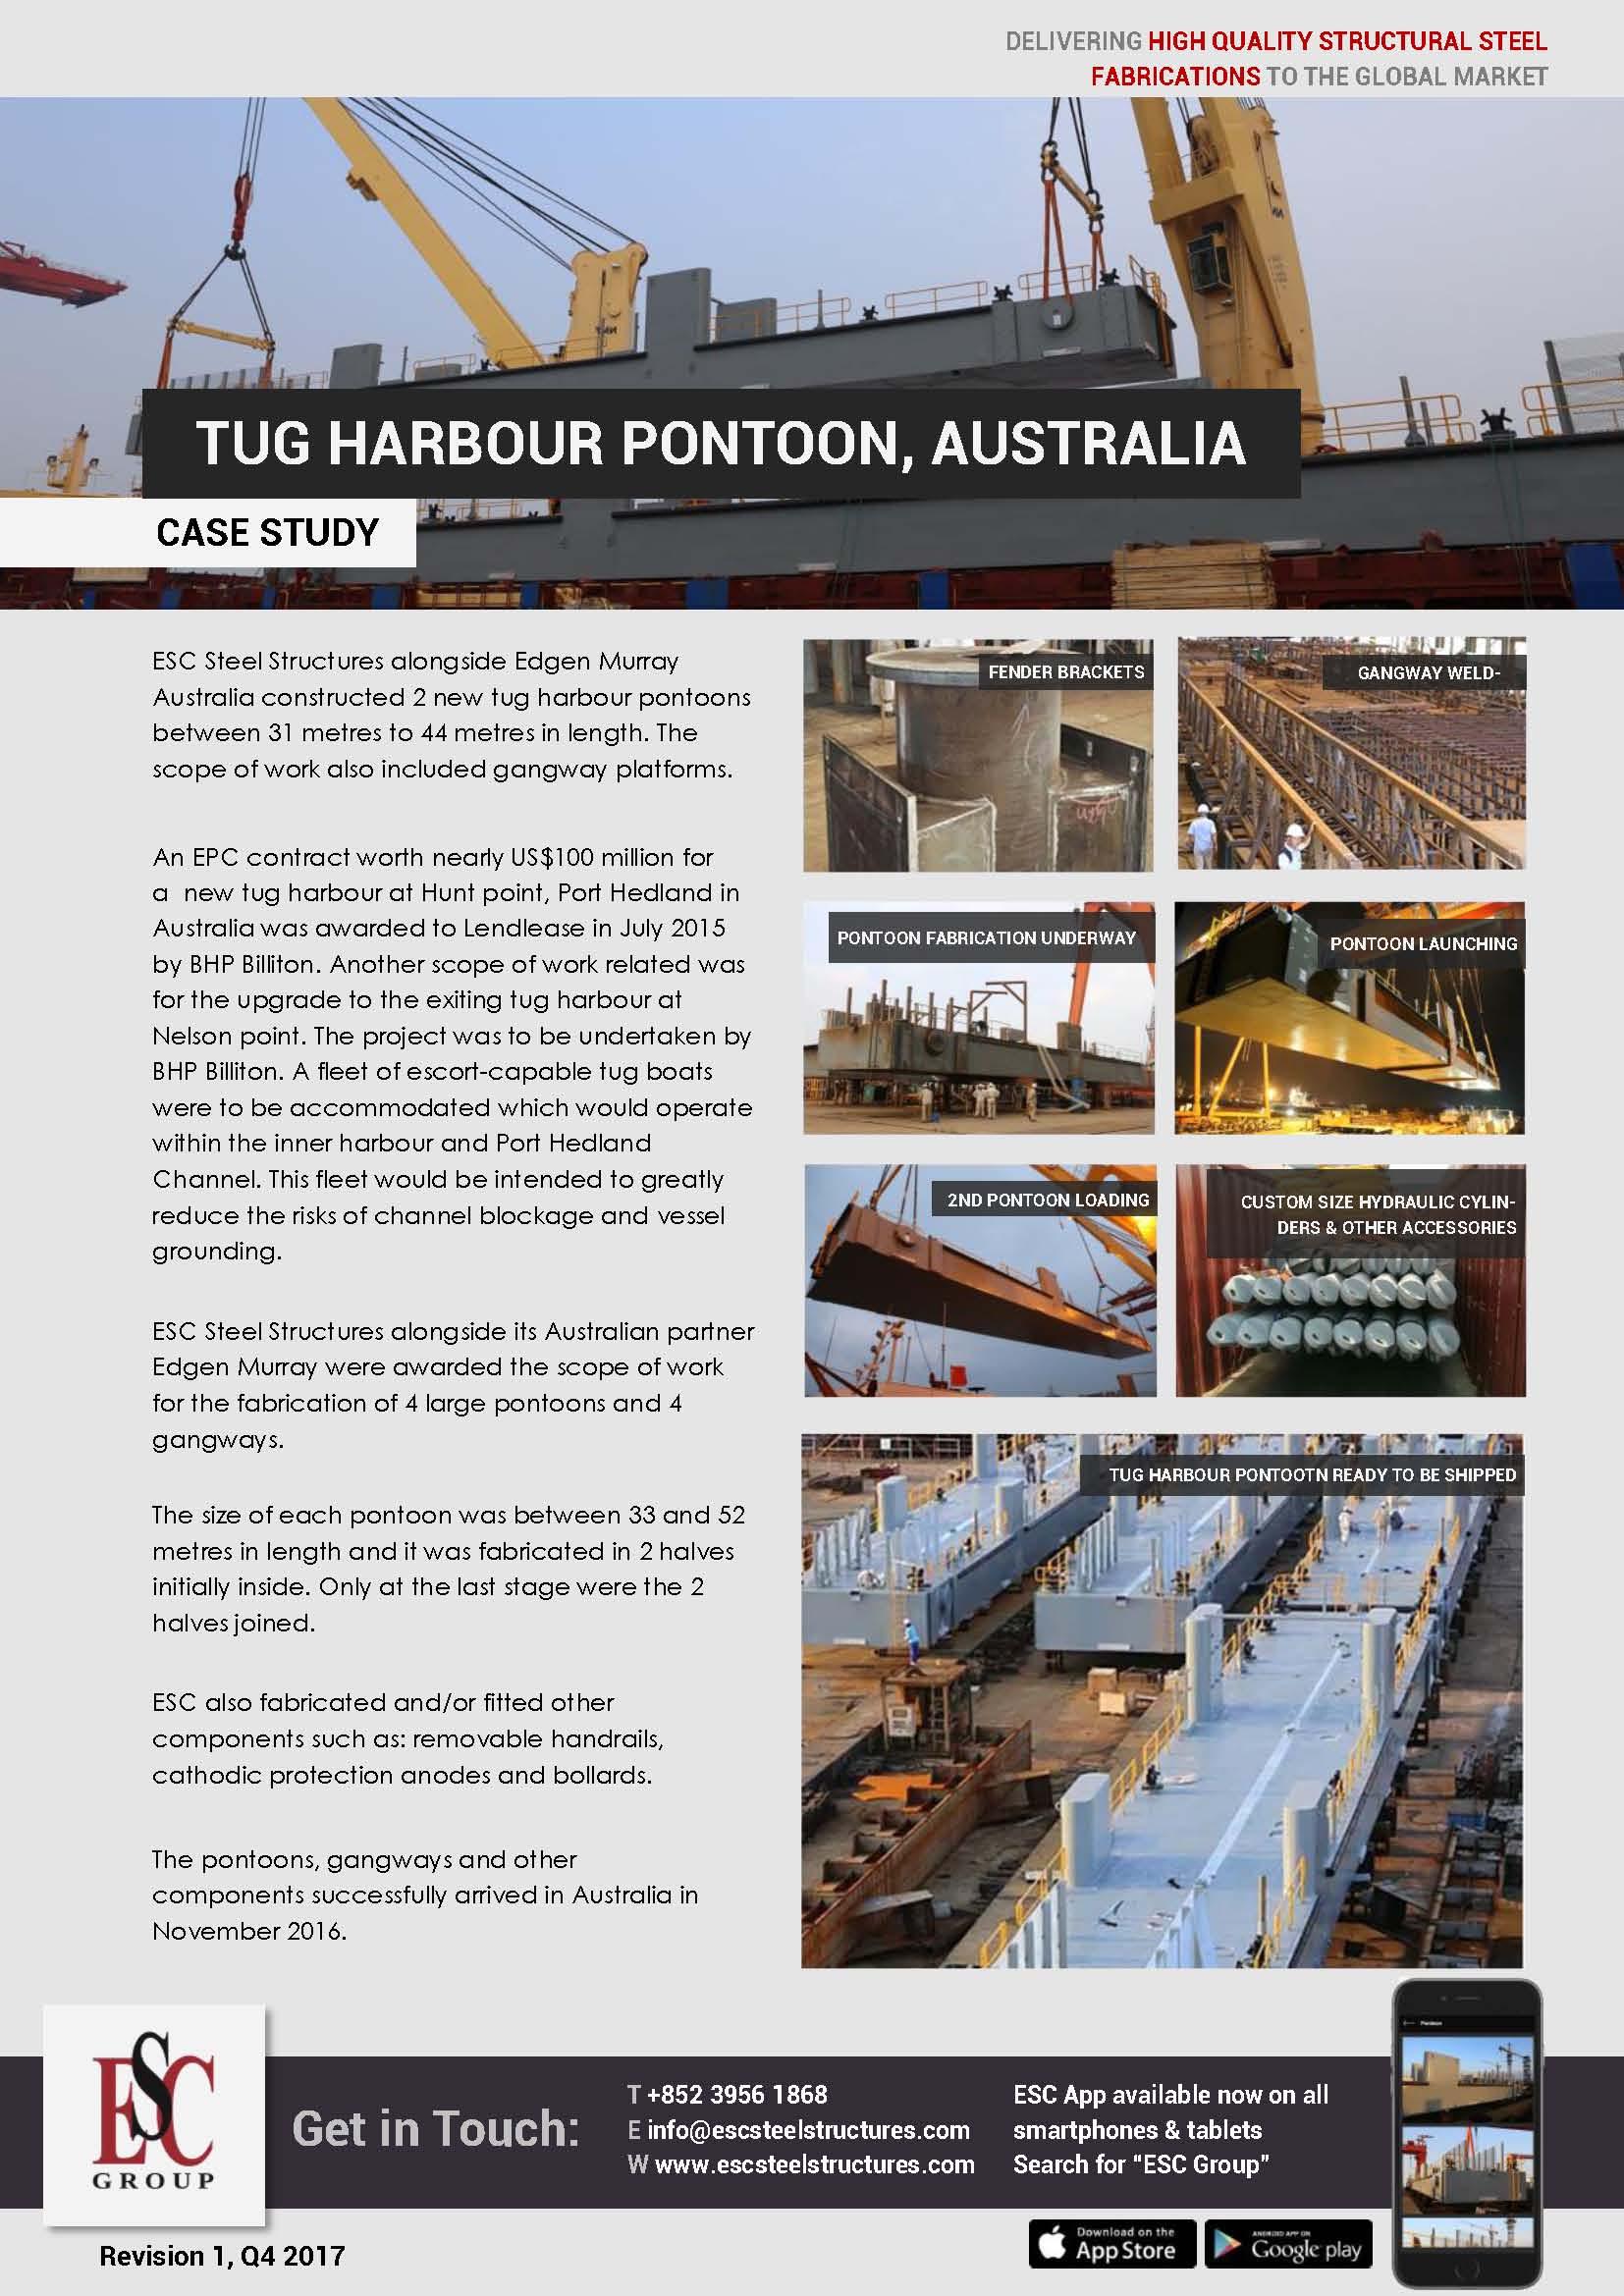 Tug Harbour Pontoon, Australia